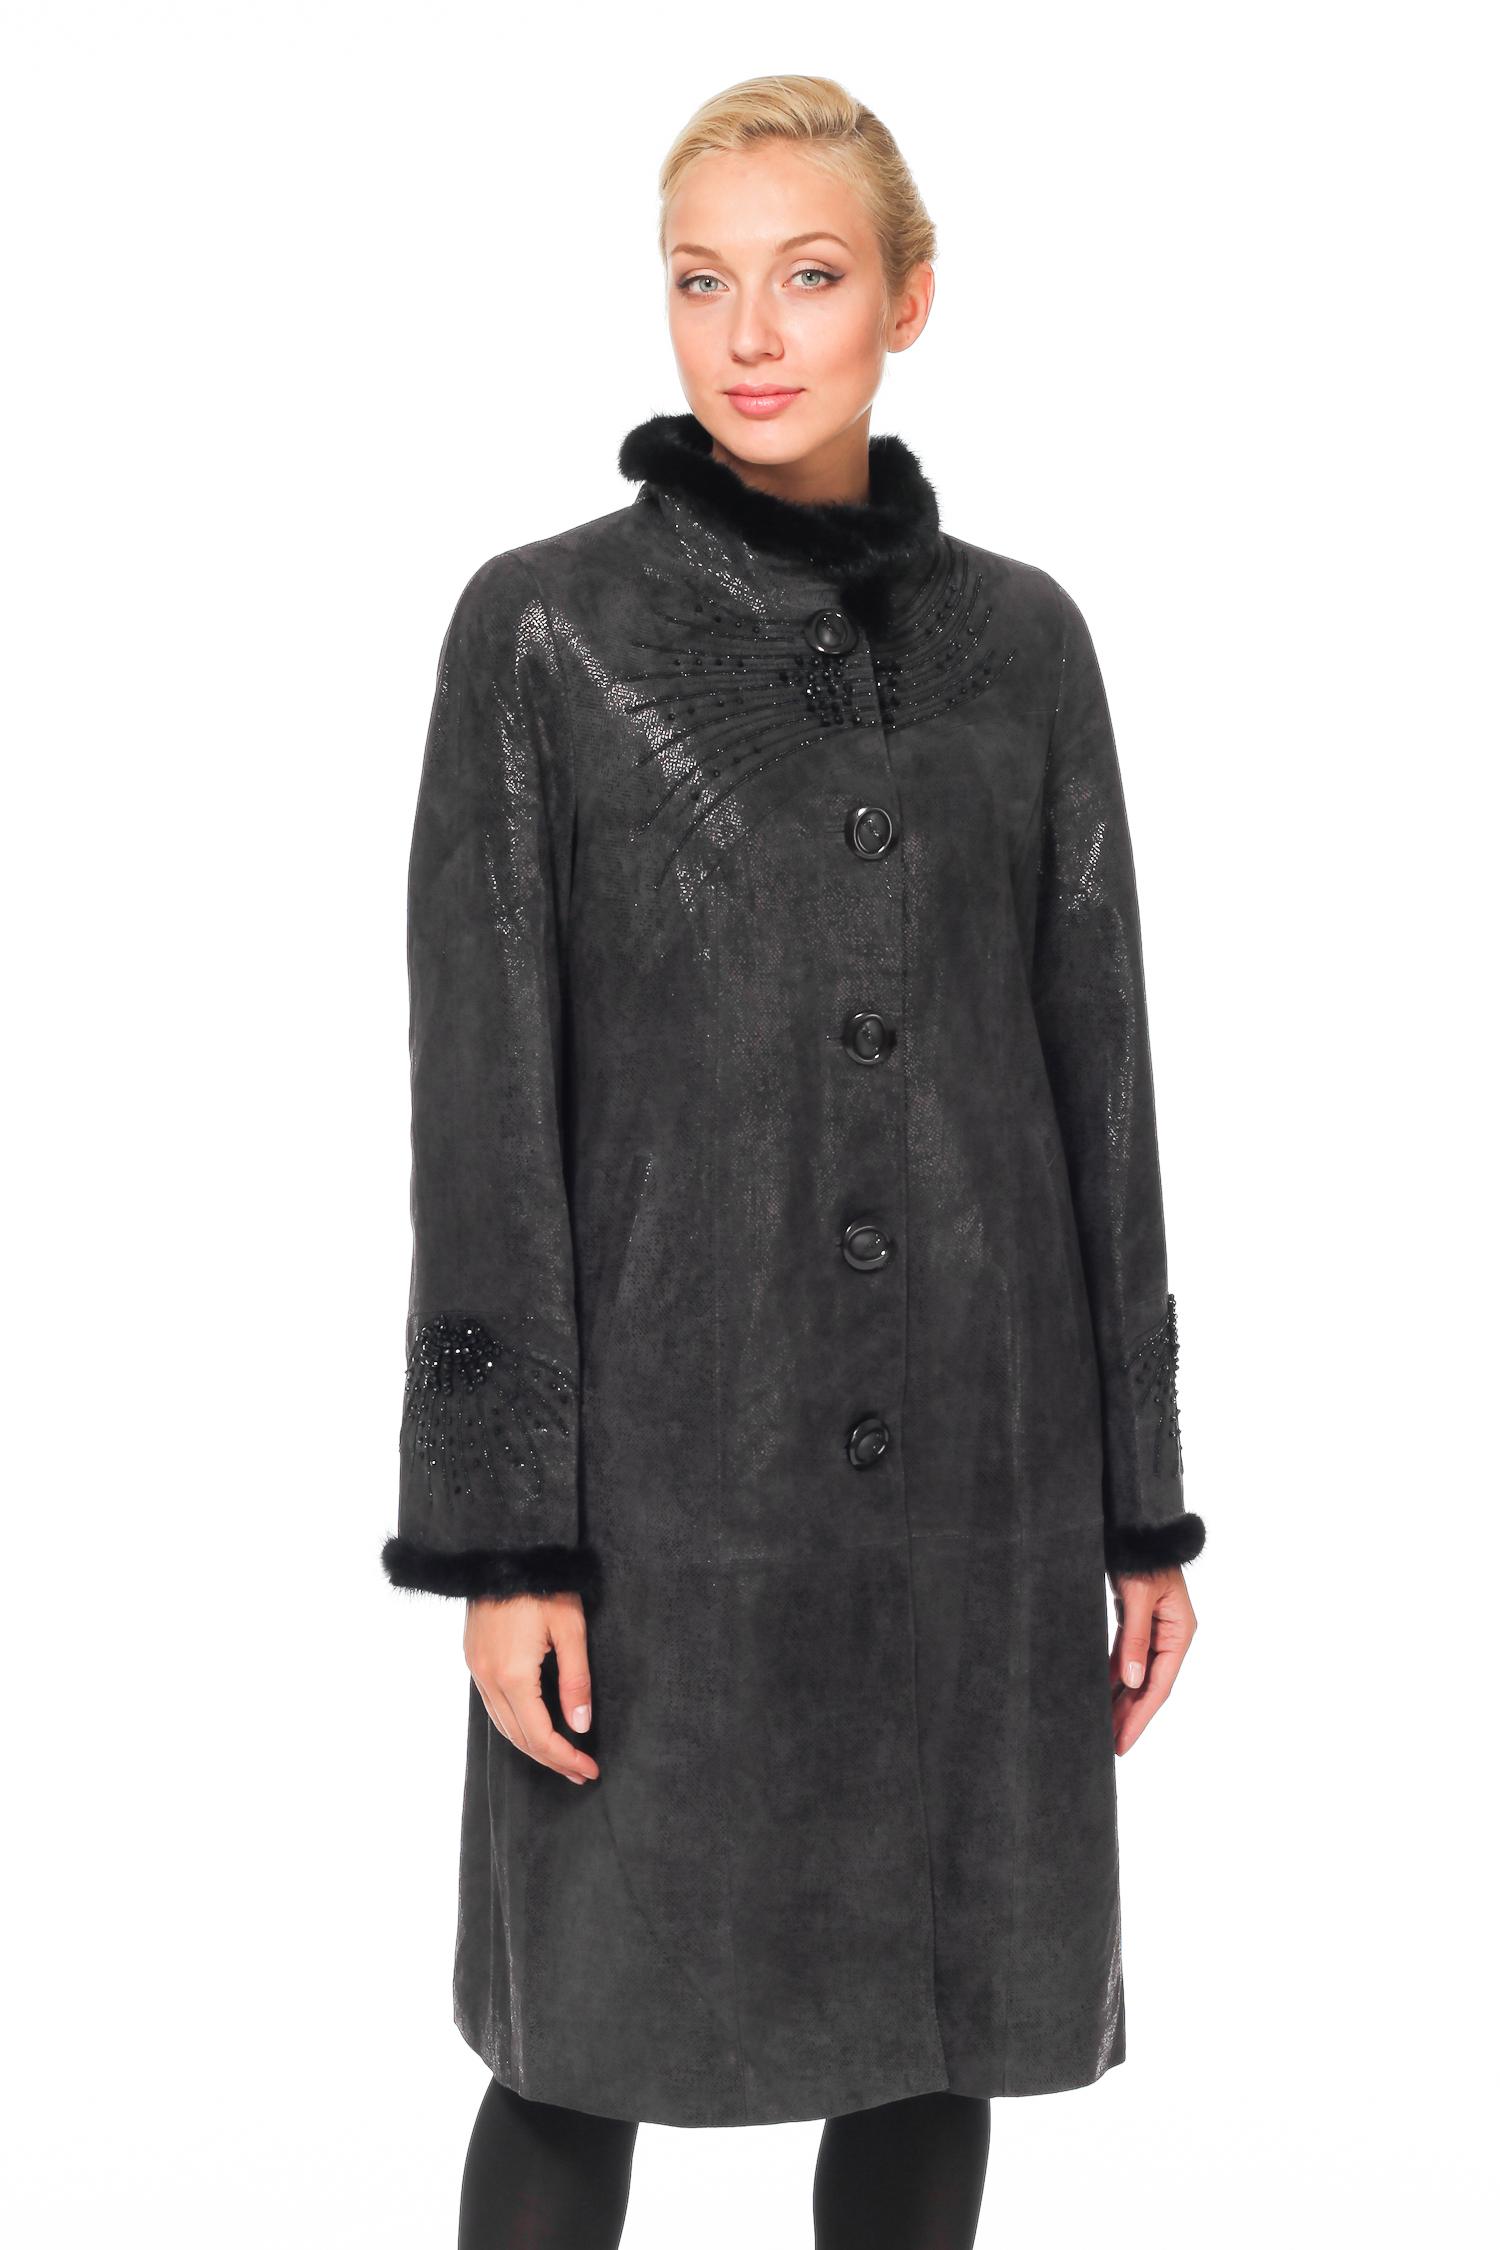 Женское кожаное пальто из натуральной замши с воротником, отделка норка